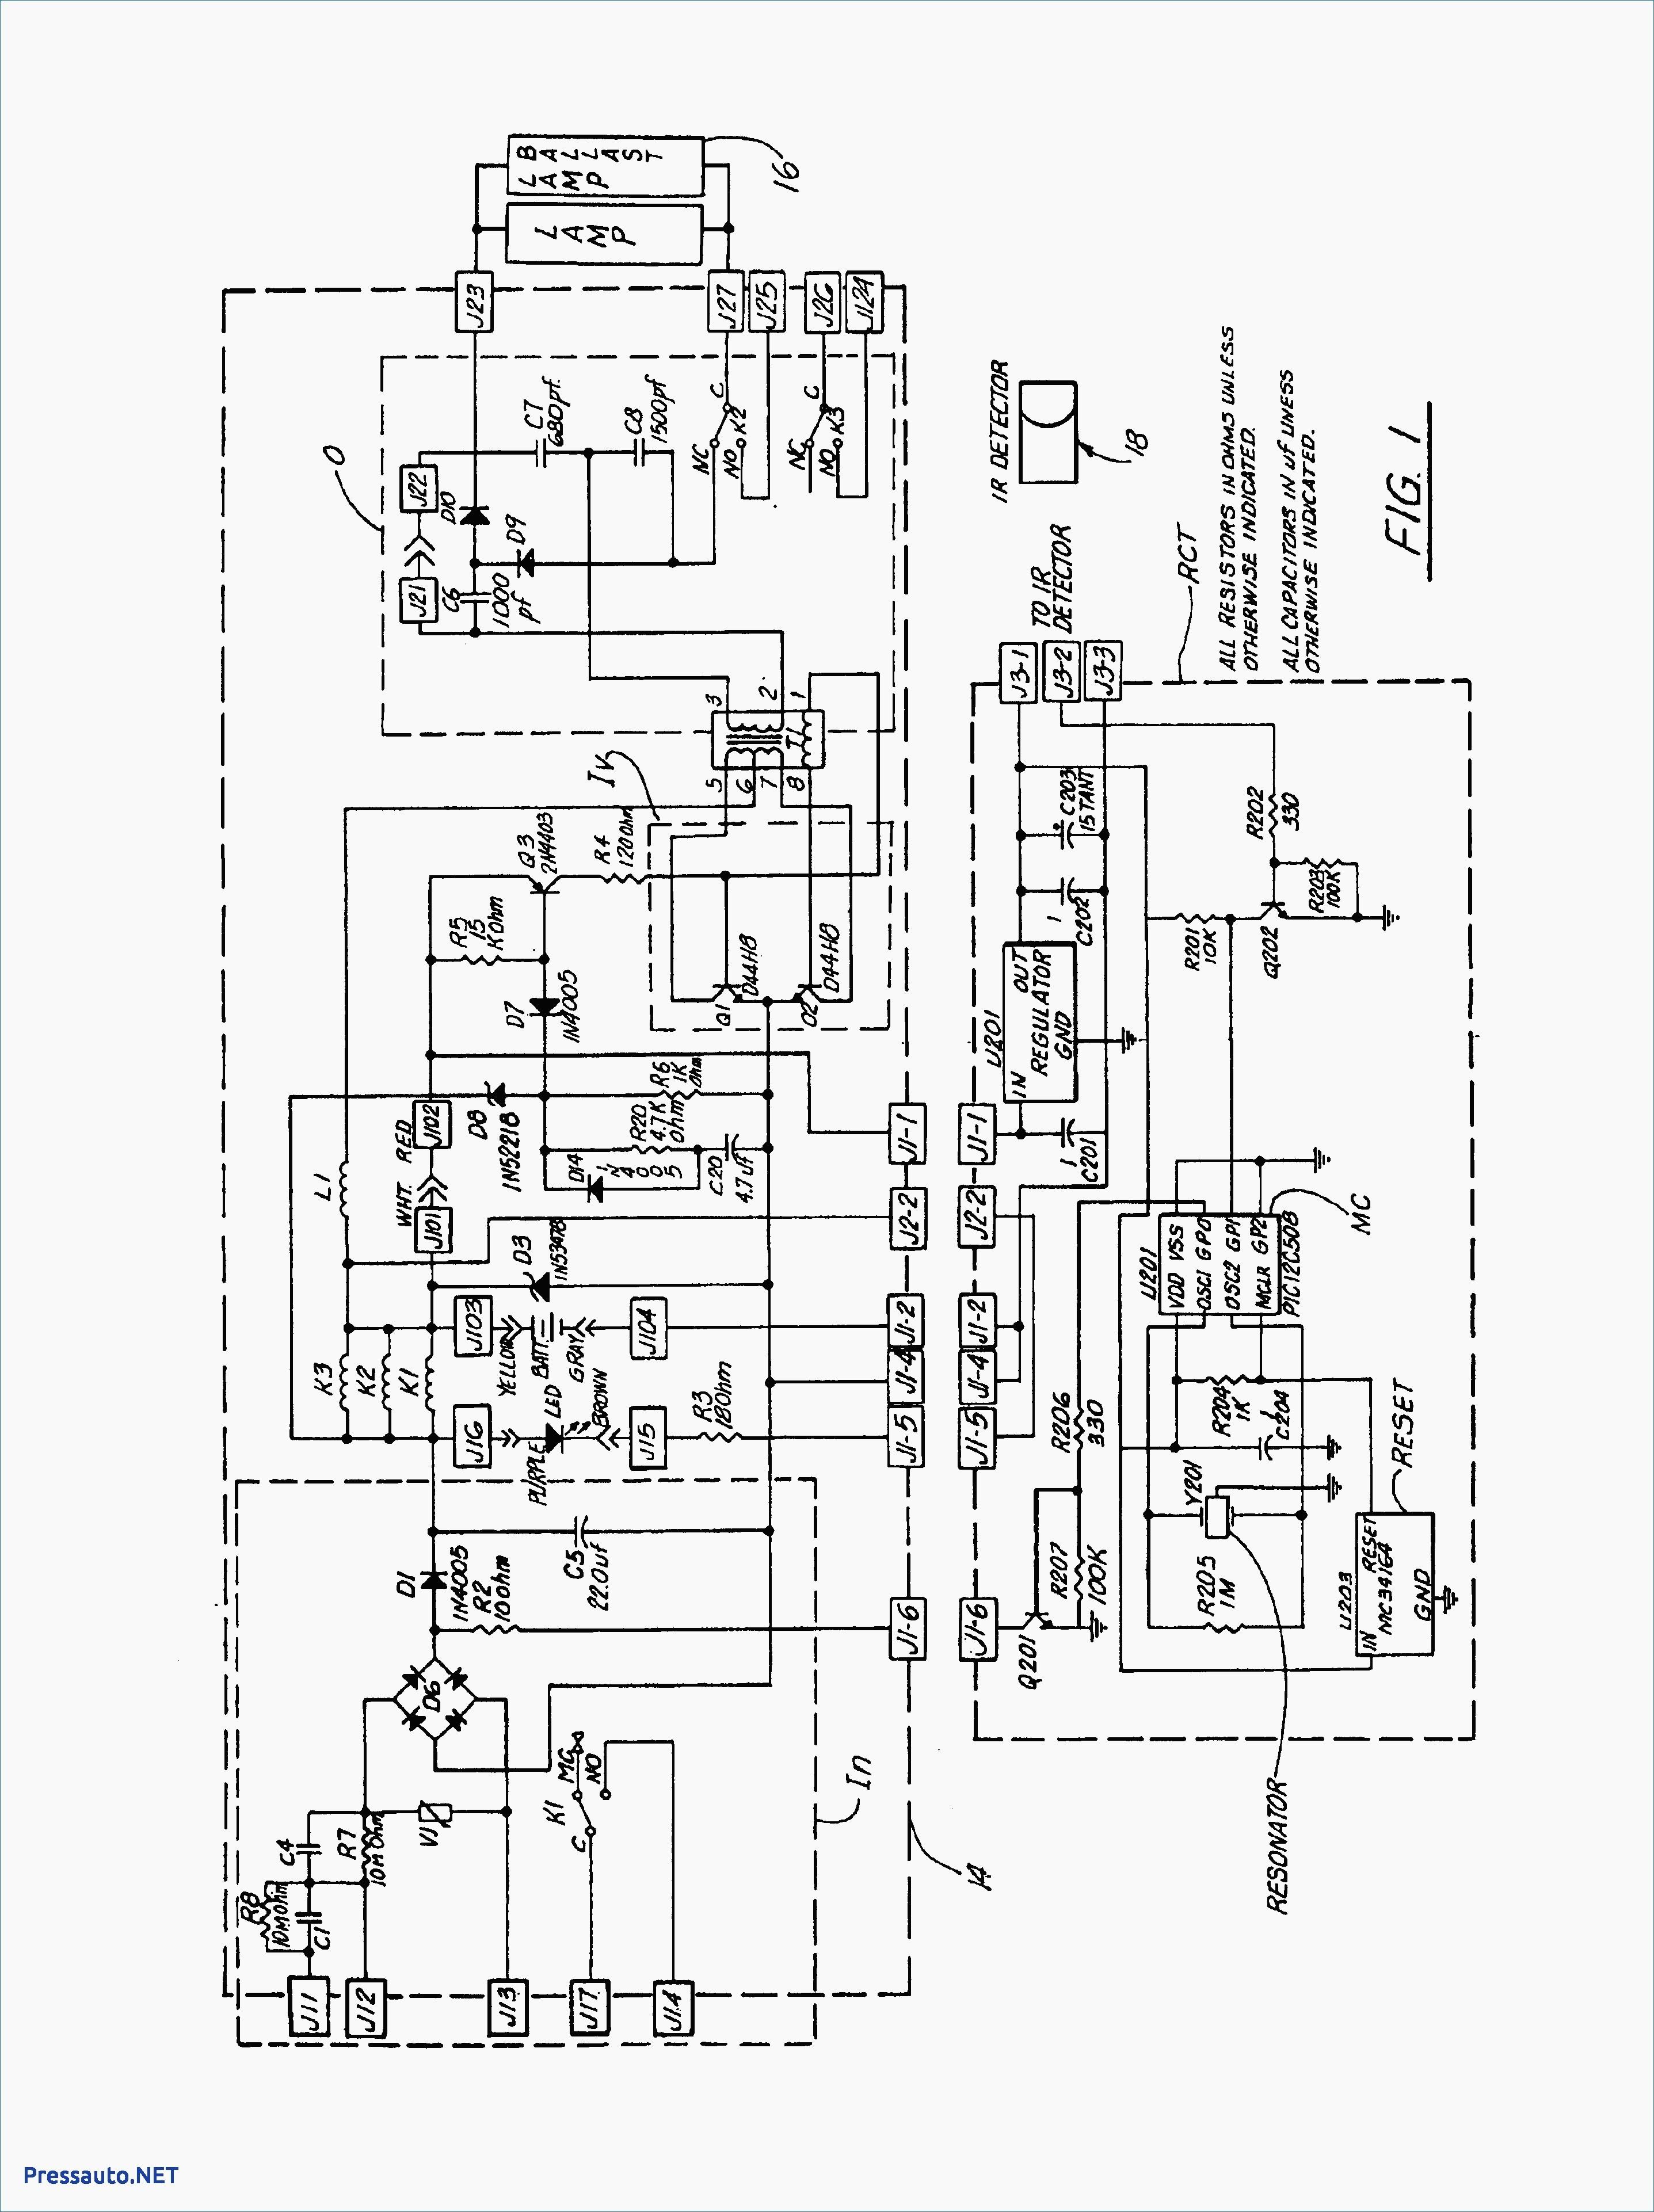 High Pressure Sodium Ballast Wiring Diagram Wiring Diagram Image - High pressure sodium ballast wiring diagram